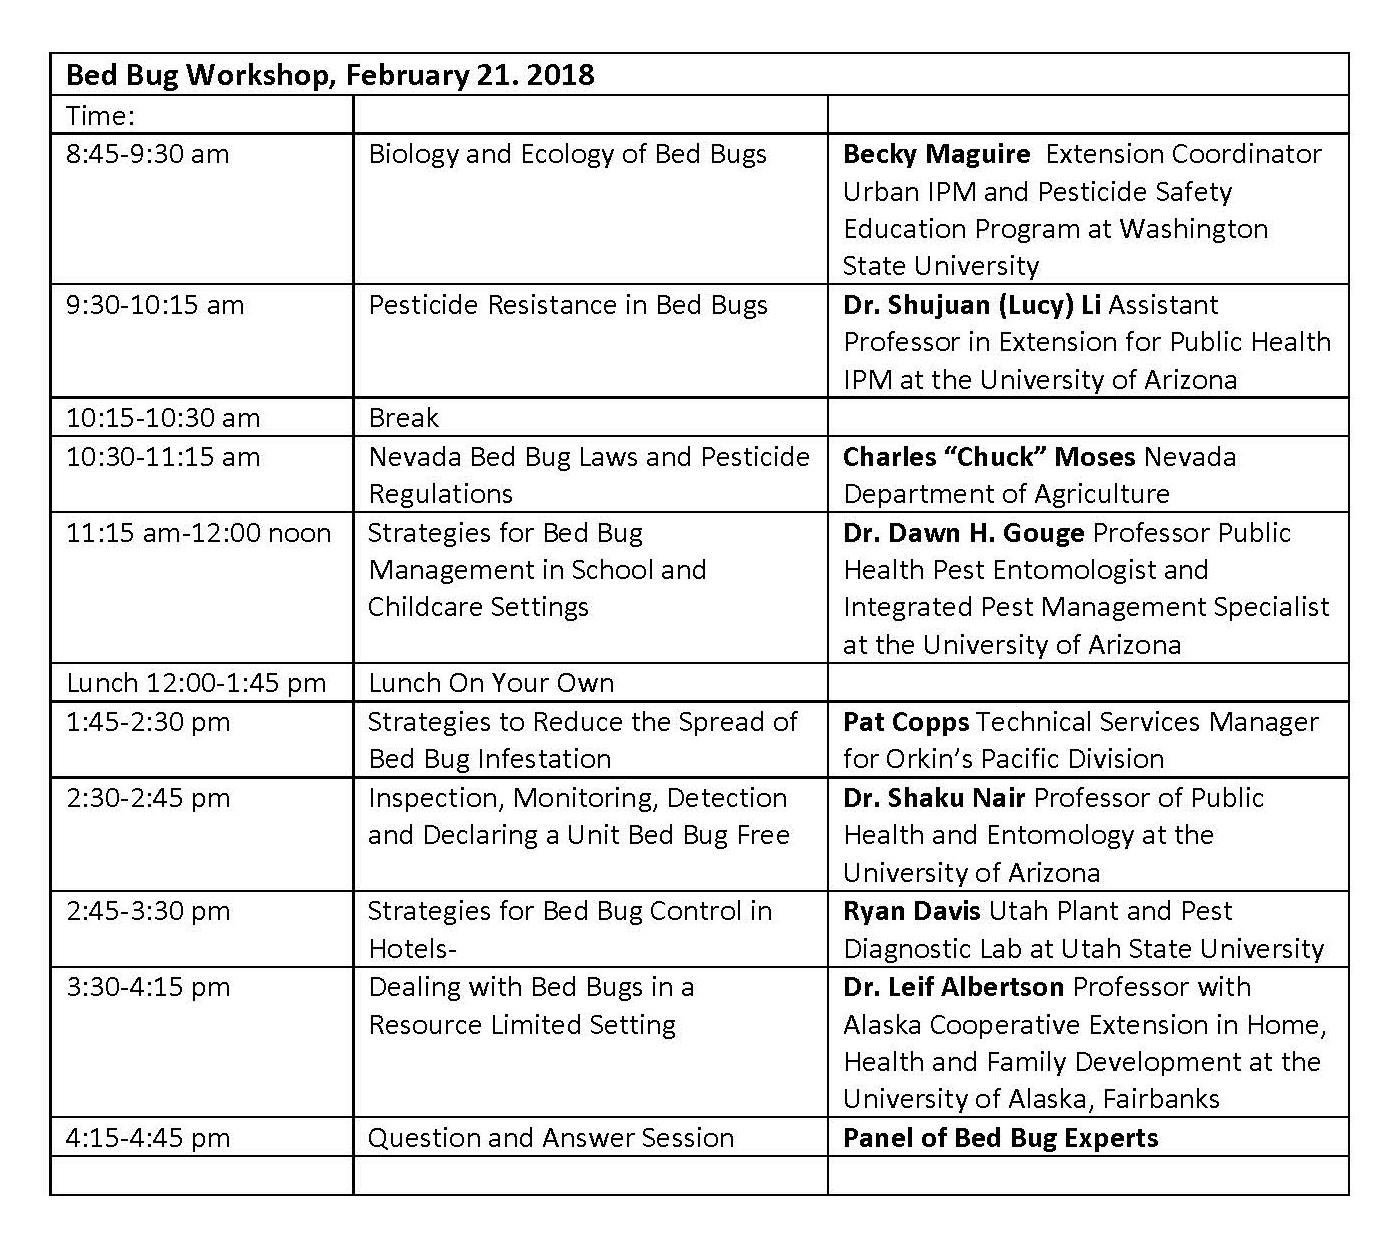 Bed Bug Workshop Agenda